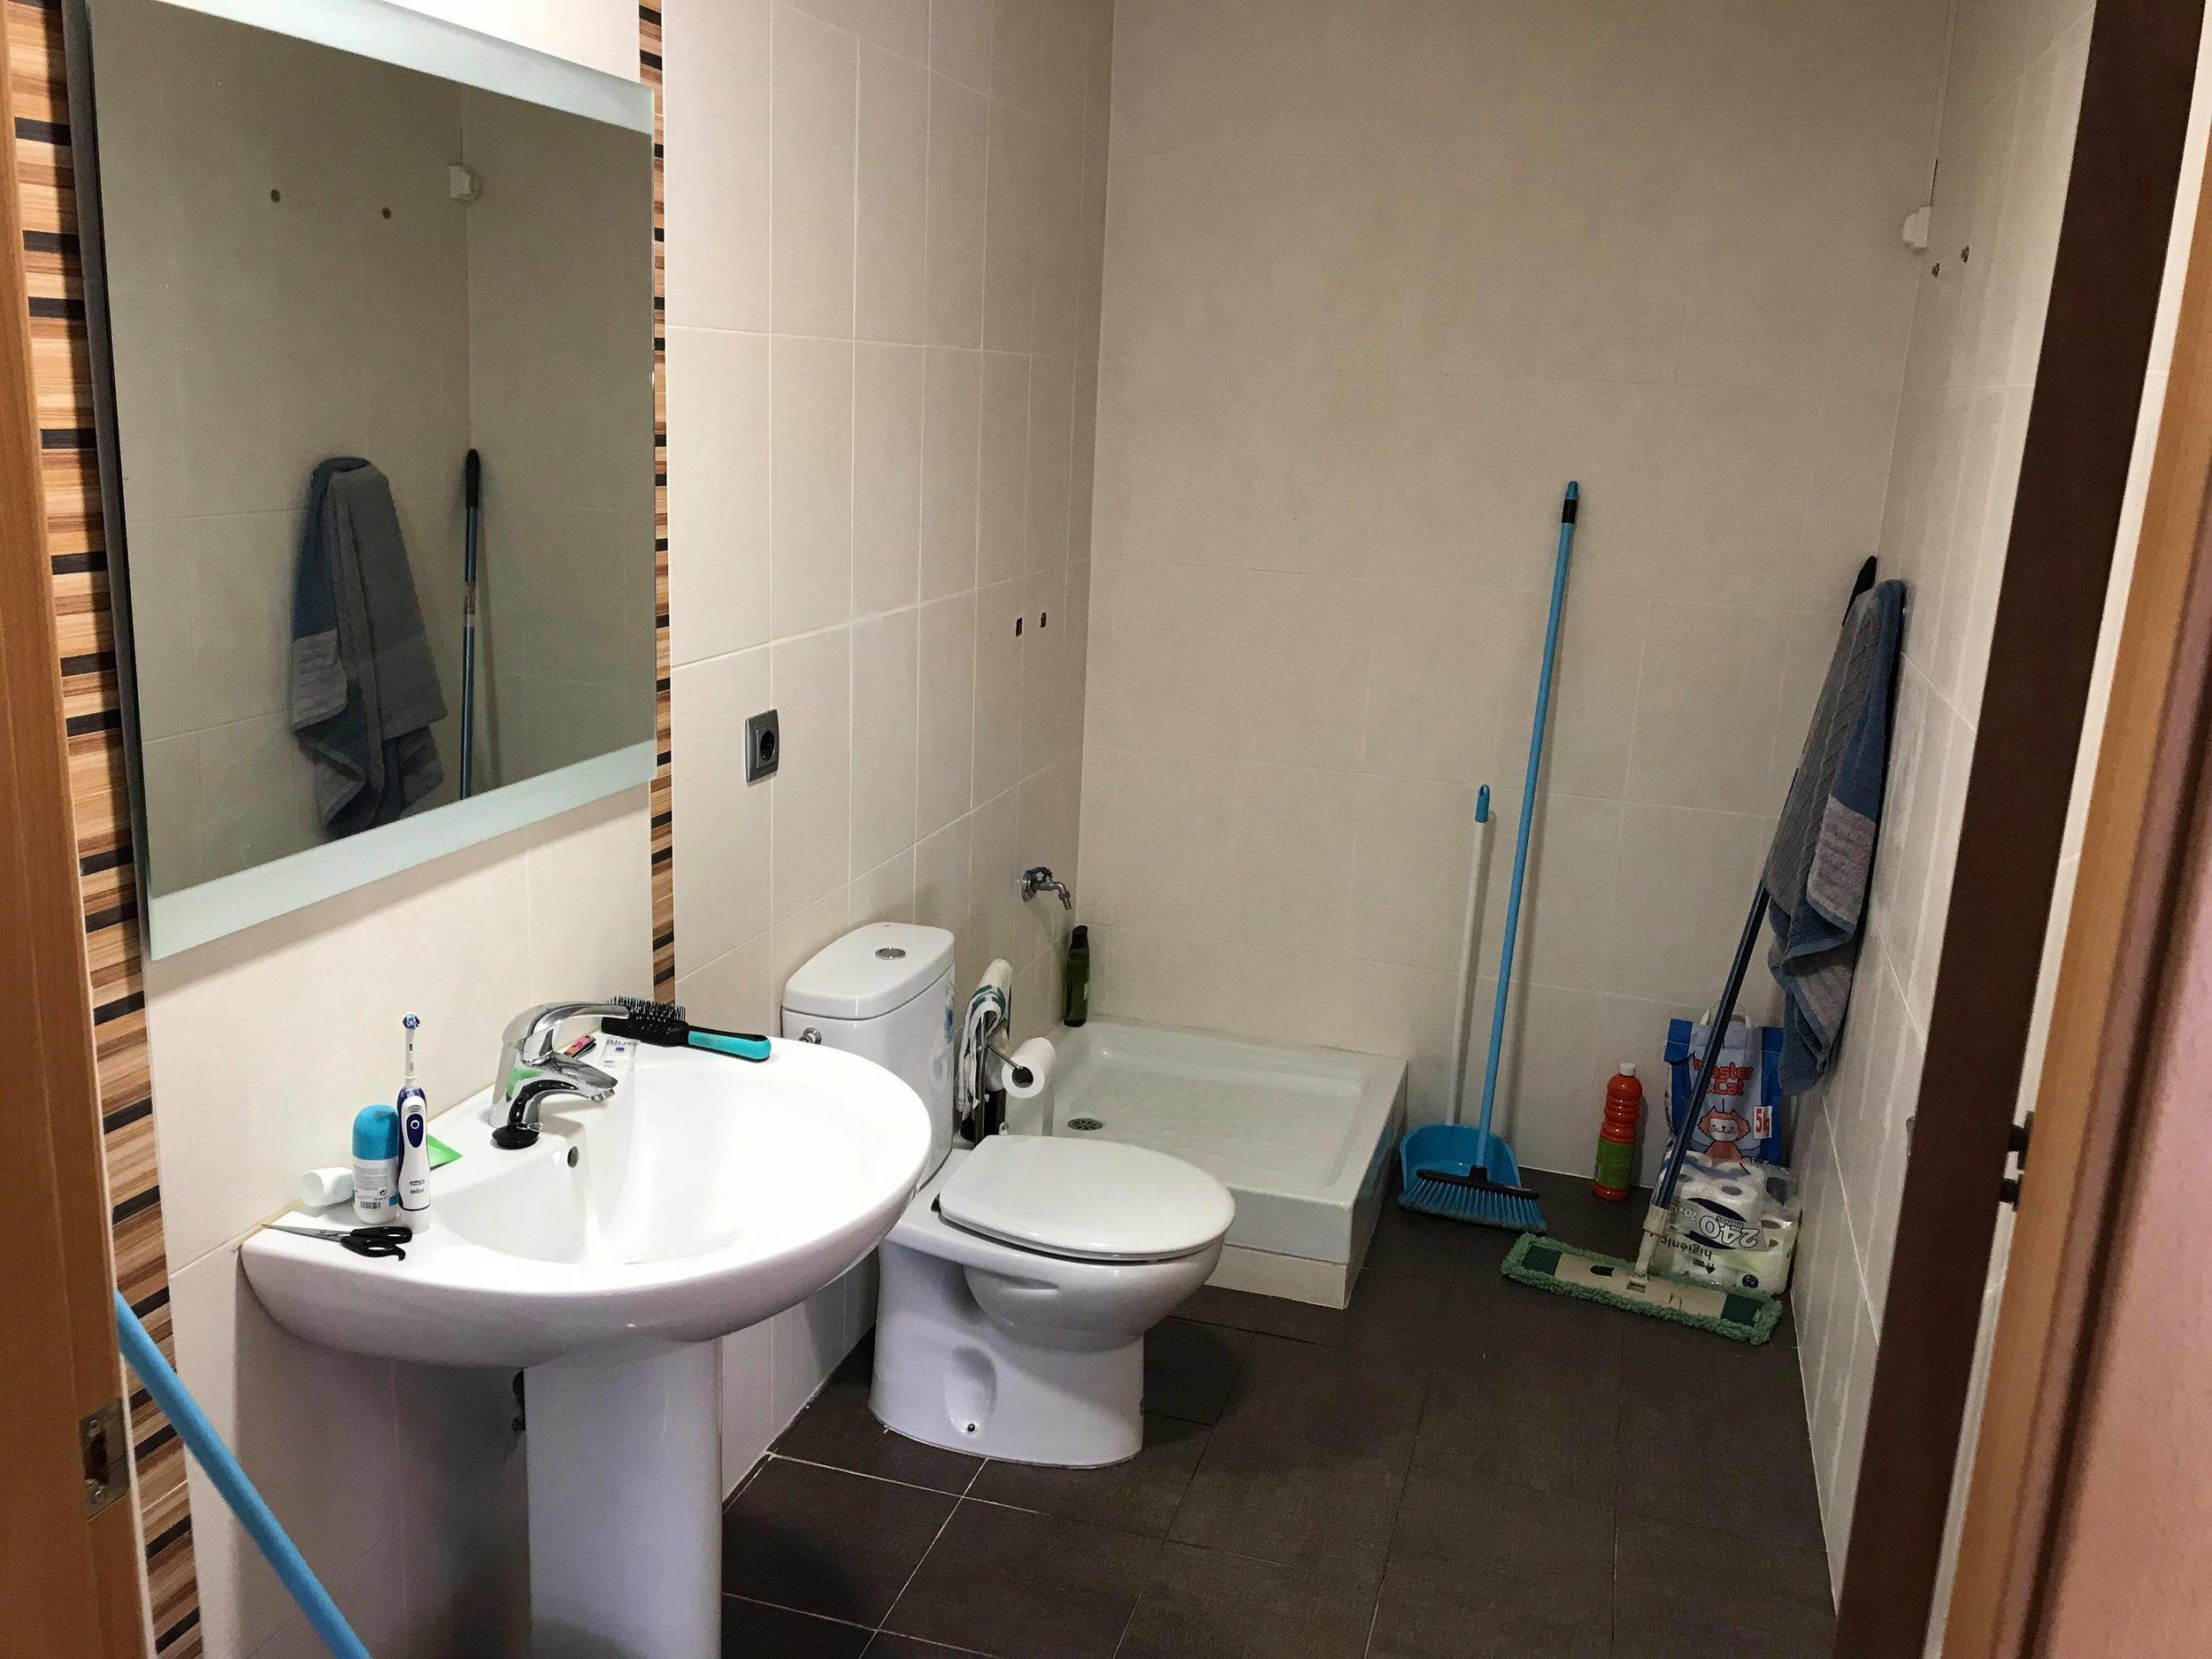 El baño. Si decido quedarme en invierno, pondré un termo y una ducha.